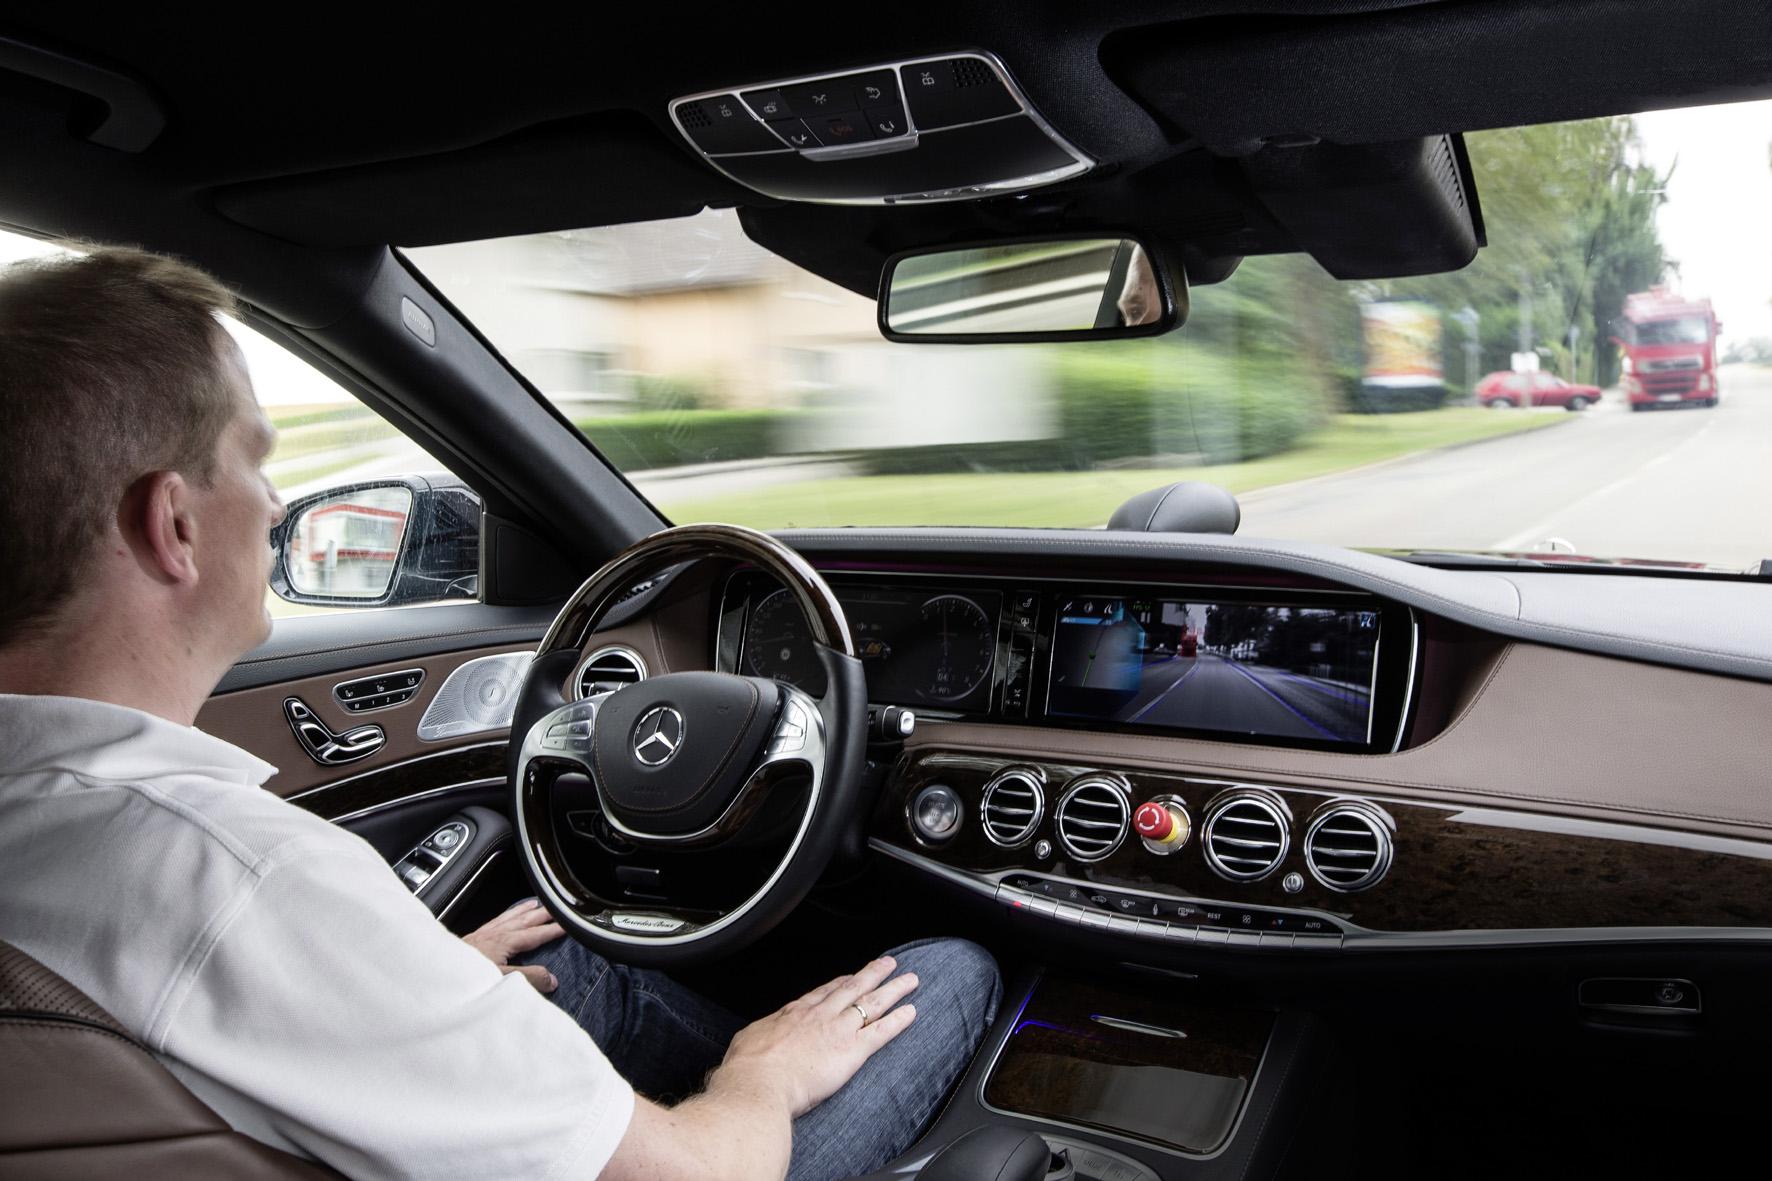 Warum wir gesetzliche Rahmenbedingungen für Geisterautos brauchen